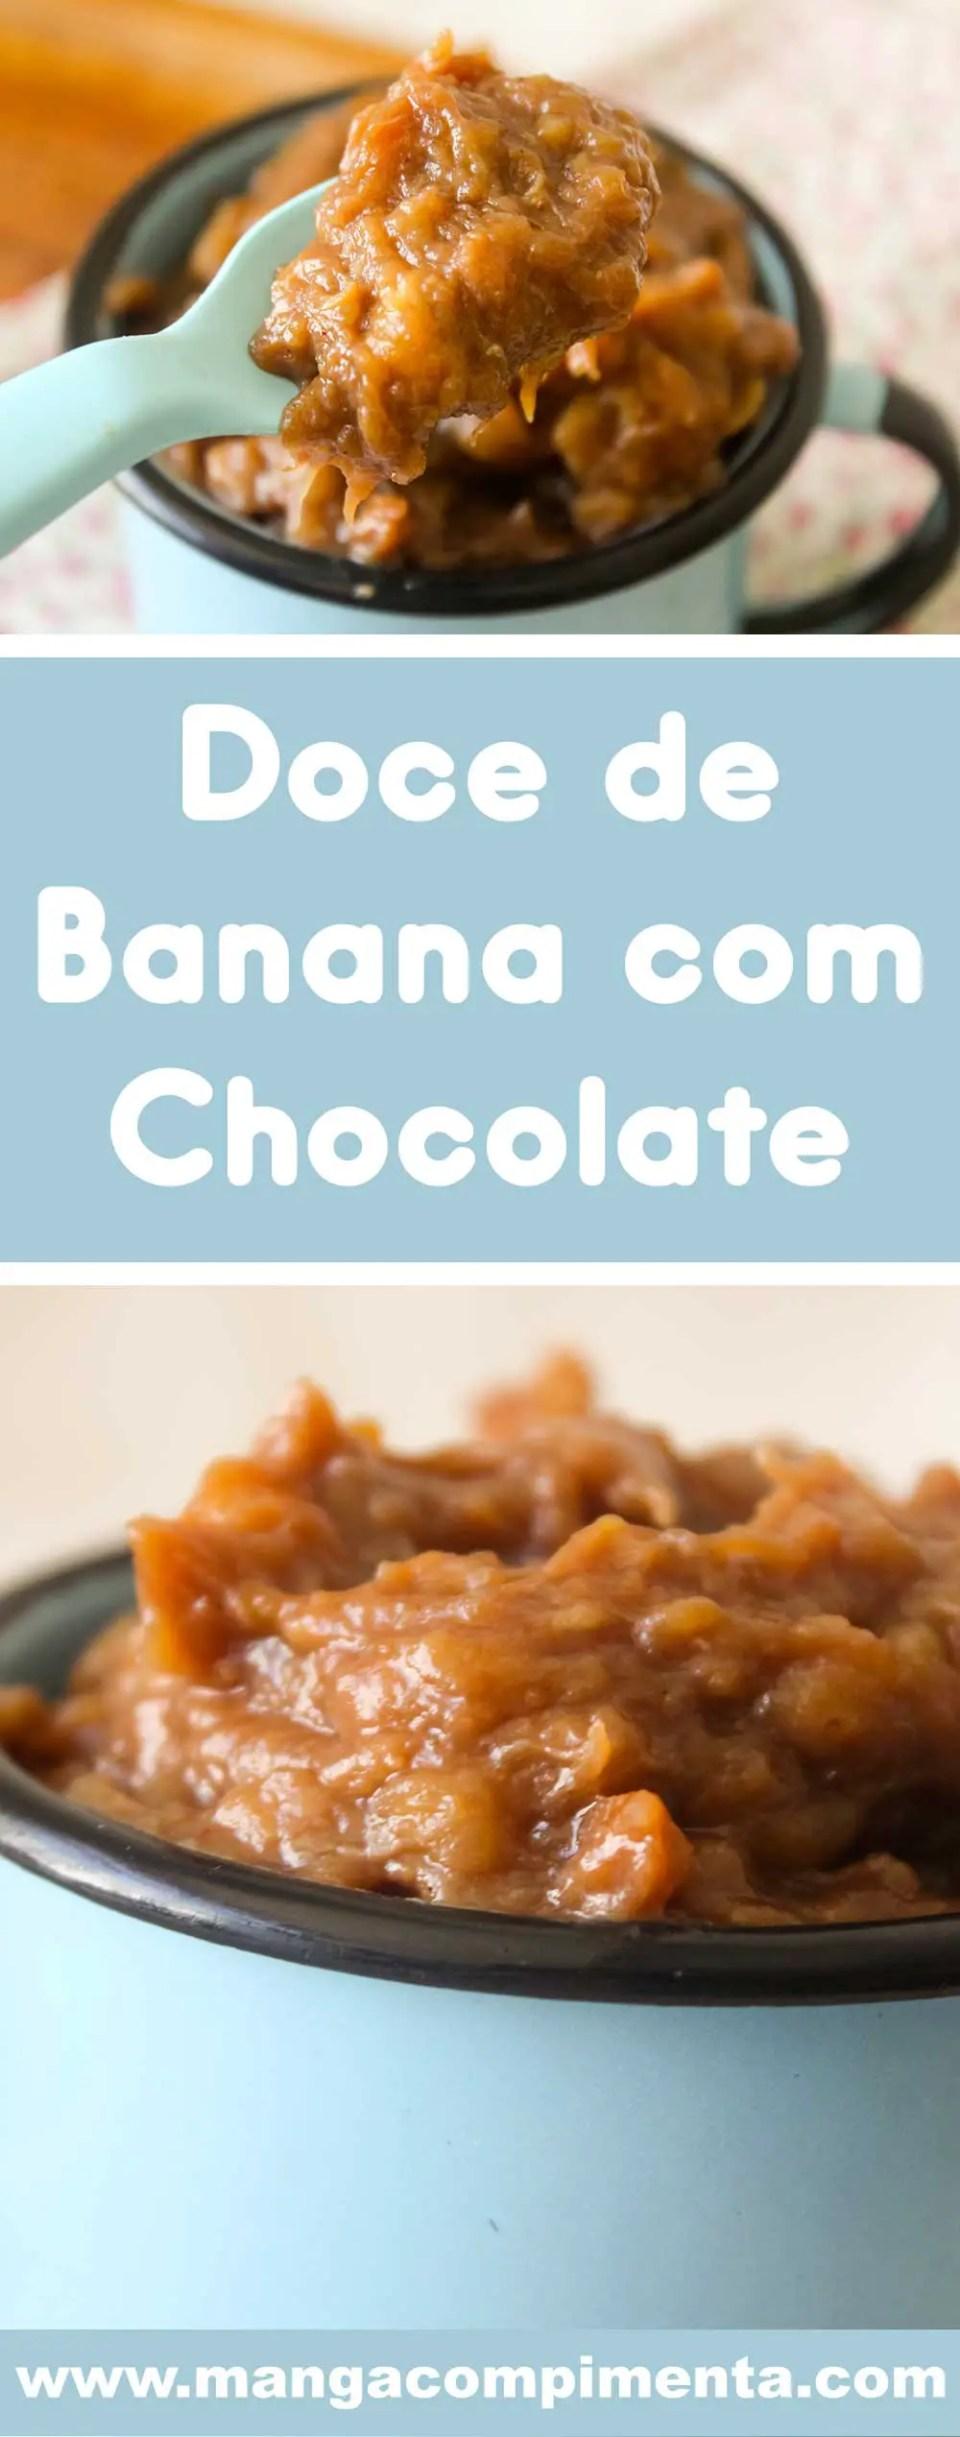 Receita de Doce de Banana com Chocolate - uma sobremesa caseira e deliciosa para lanchar!